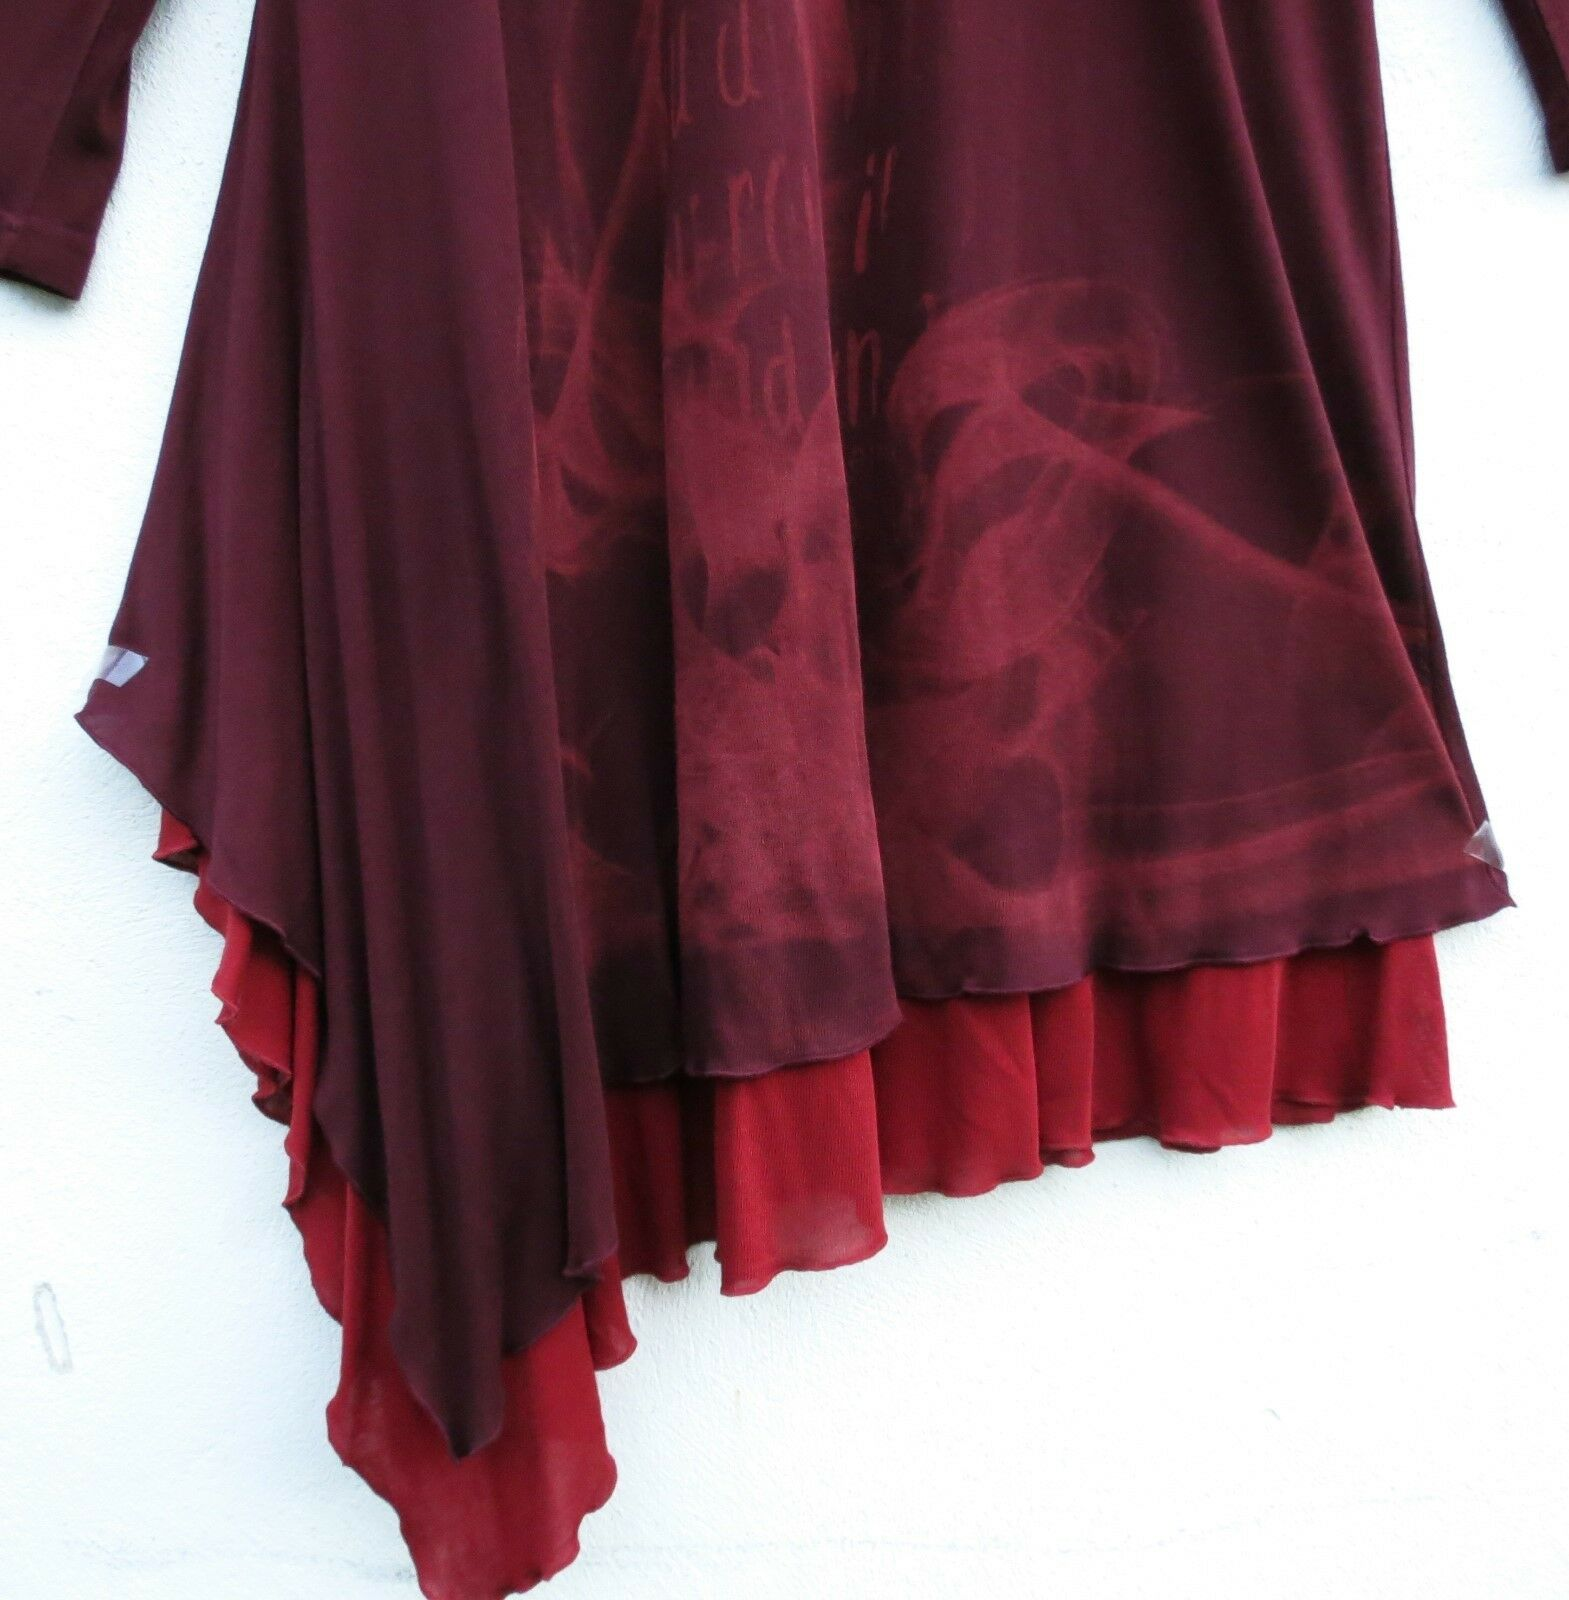 LA MOUETTE TRAUMHAFT TRAUMHAFT TRAUMHAFT Kleid Dress Robe Vestido Tunika Tunic L 44 46 Lagenlook | Verrückte Preis  | Verschiedene  | Lass unsere Waren in die Welt gehen  3d7cf1